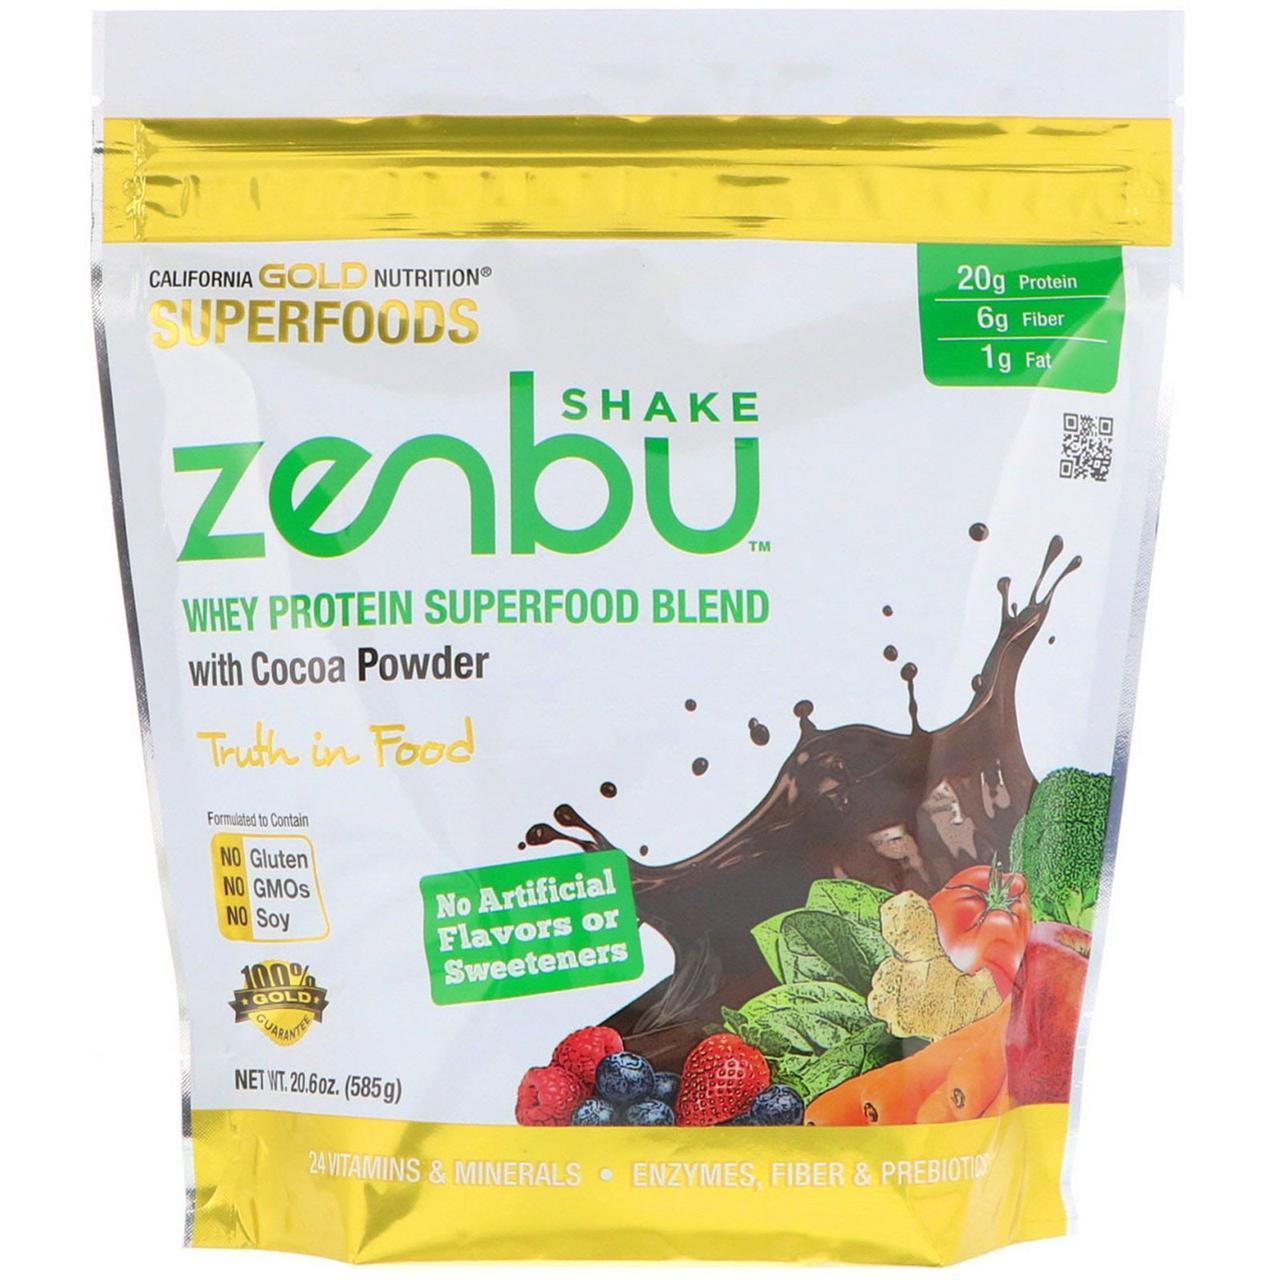 """Сывороточный протеин California GOLD Nutrition, Superfoods """"Zenbu Shake"""" с какао-порошком (585 г)"""